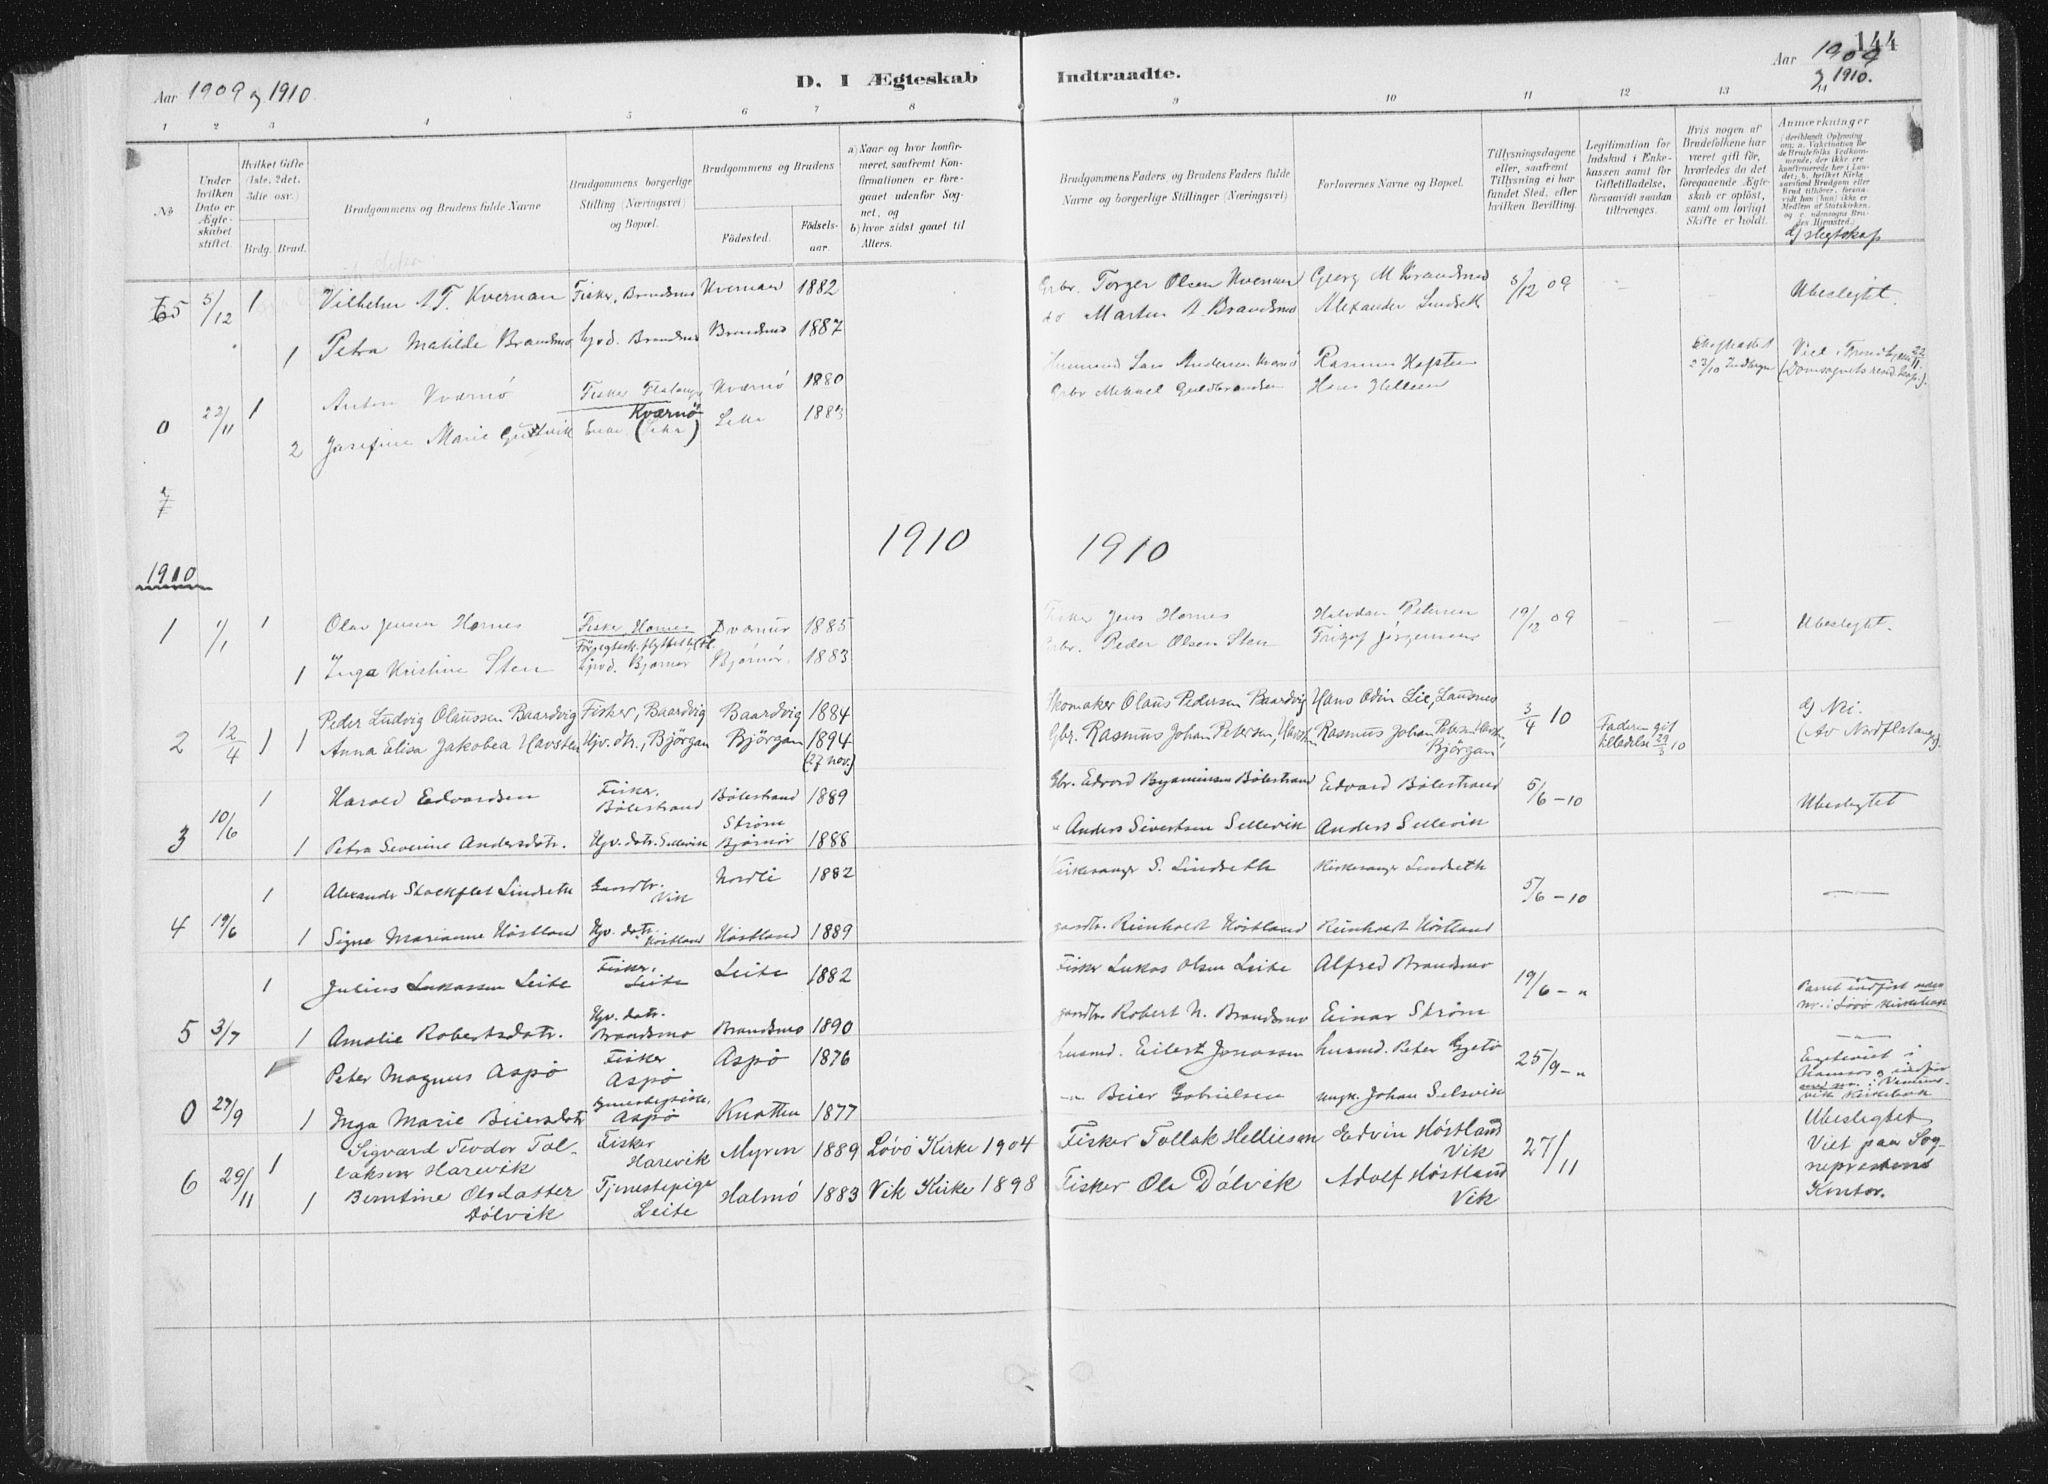 SAT, Ministerialprotokoller, klokkerbøker og fødselsregistre - Nord-Trøndelag, 771/L0597: Ministerialbok nr. 771A04, 1885-1910, s. 144